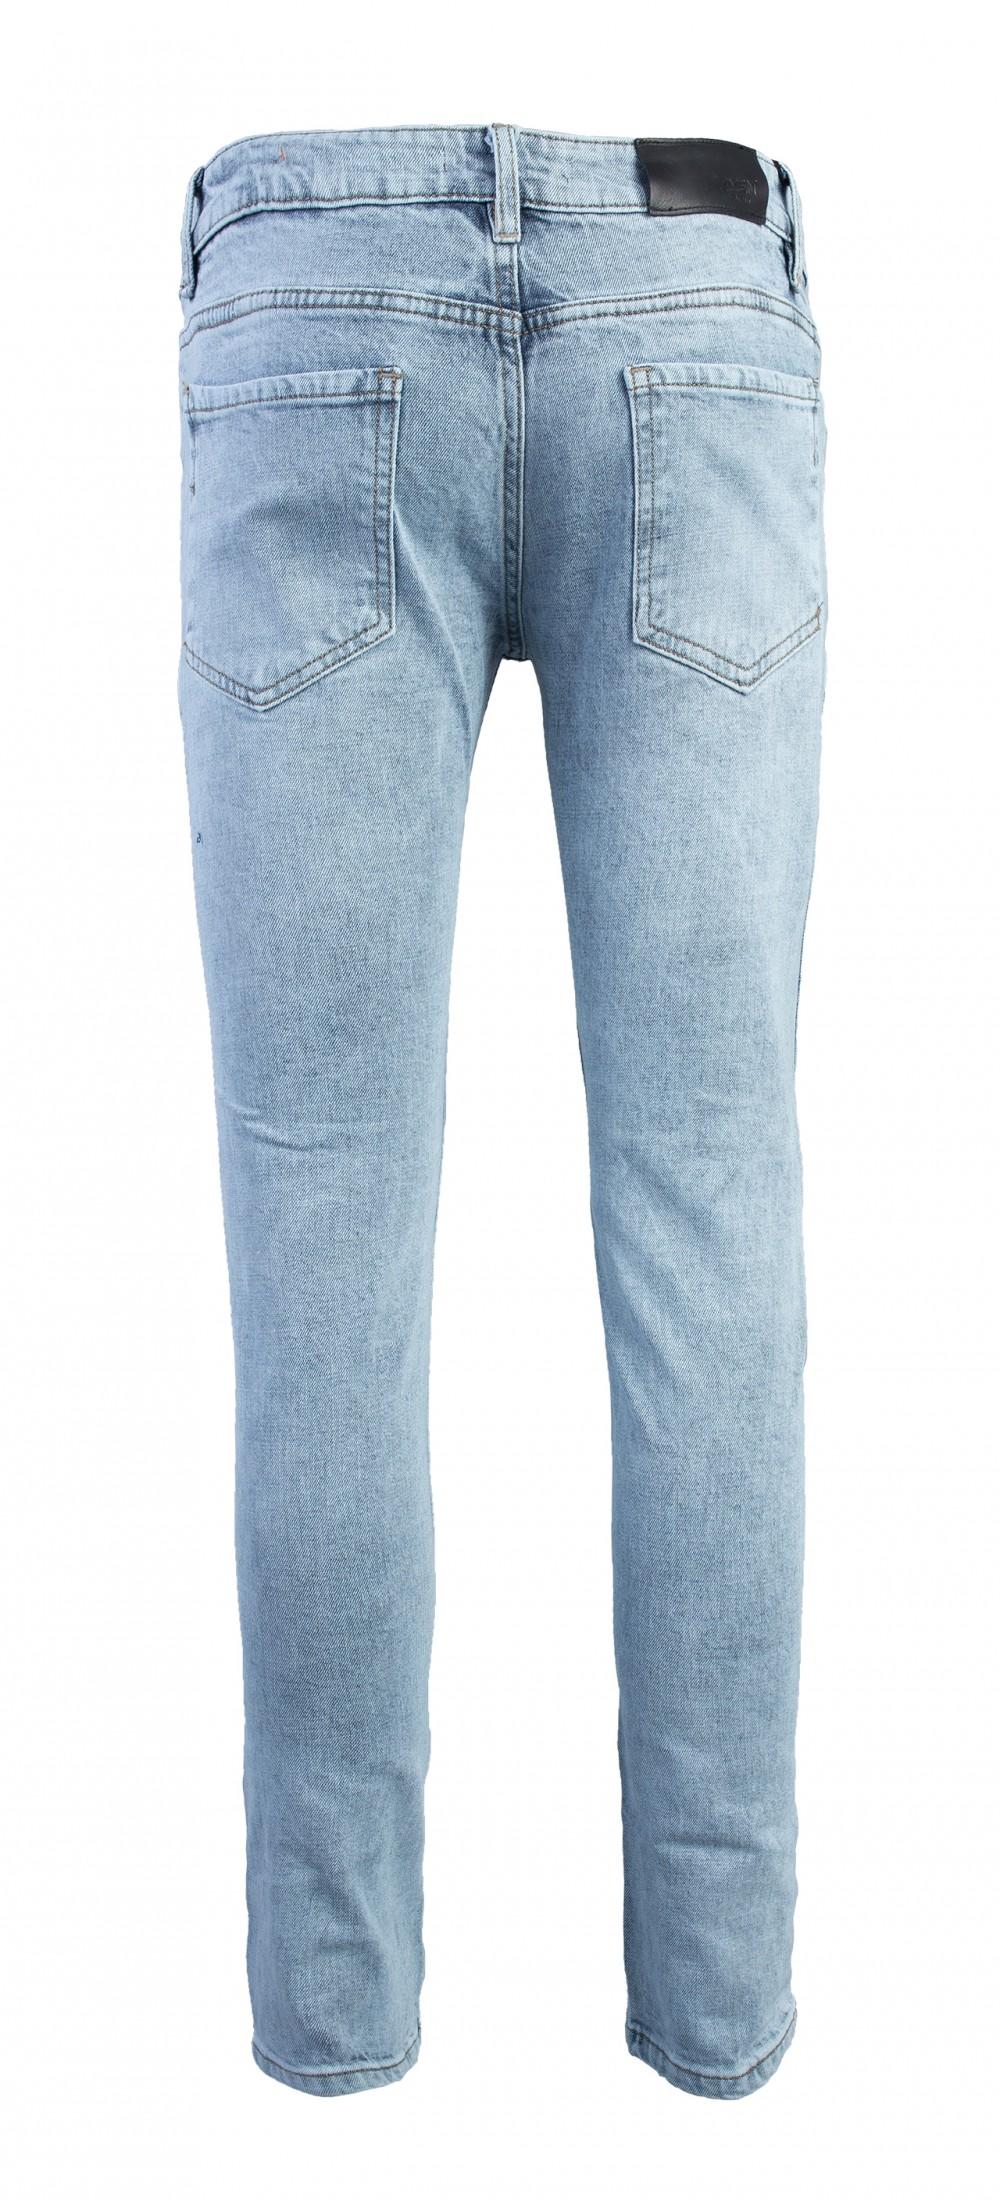 Quần jeans rách xanh qj1562 - 3